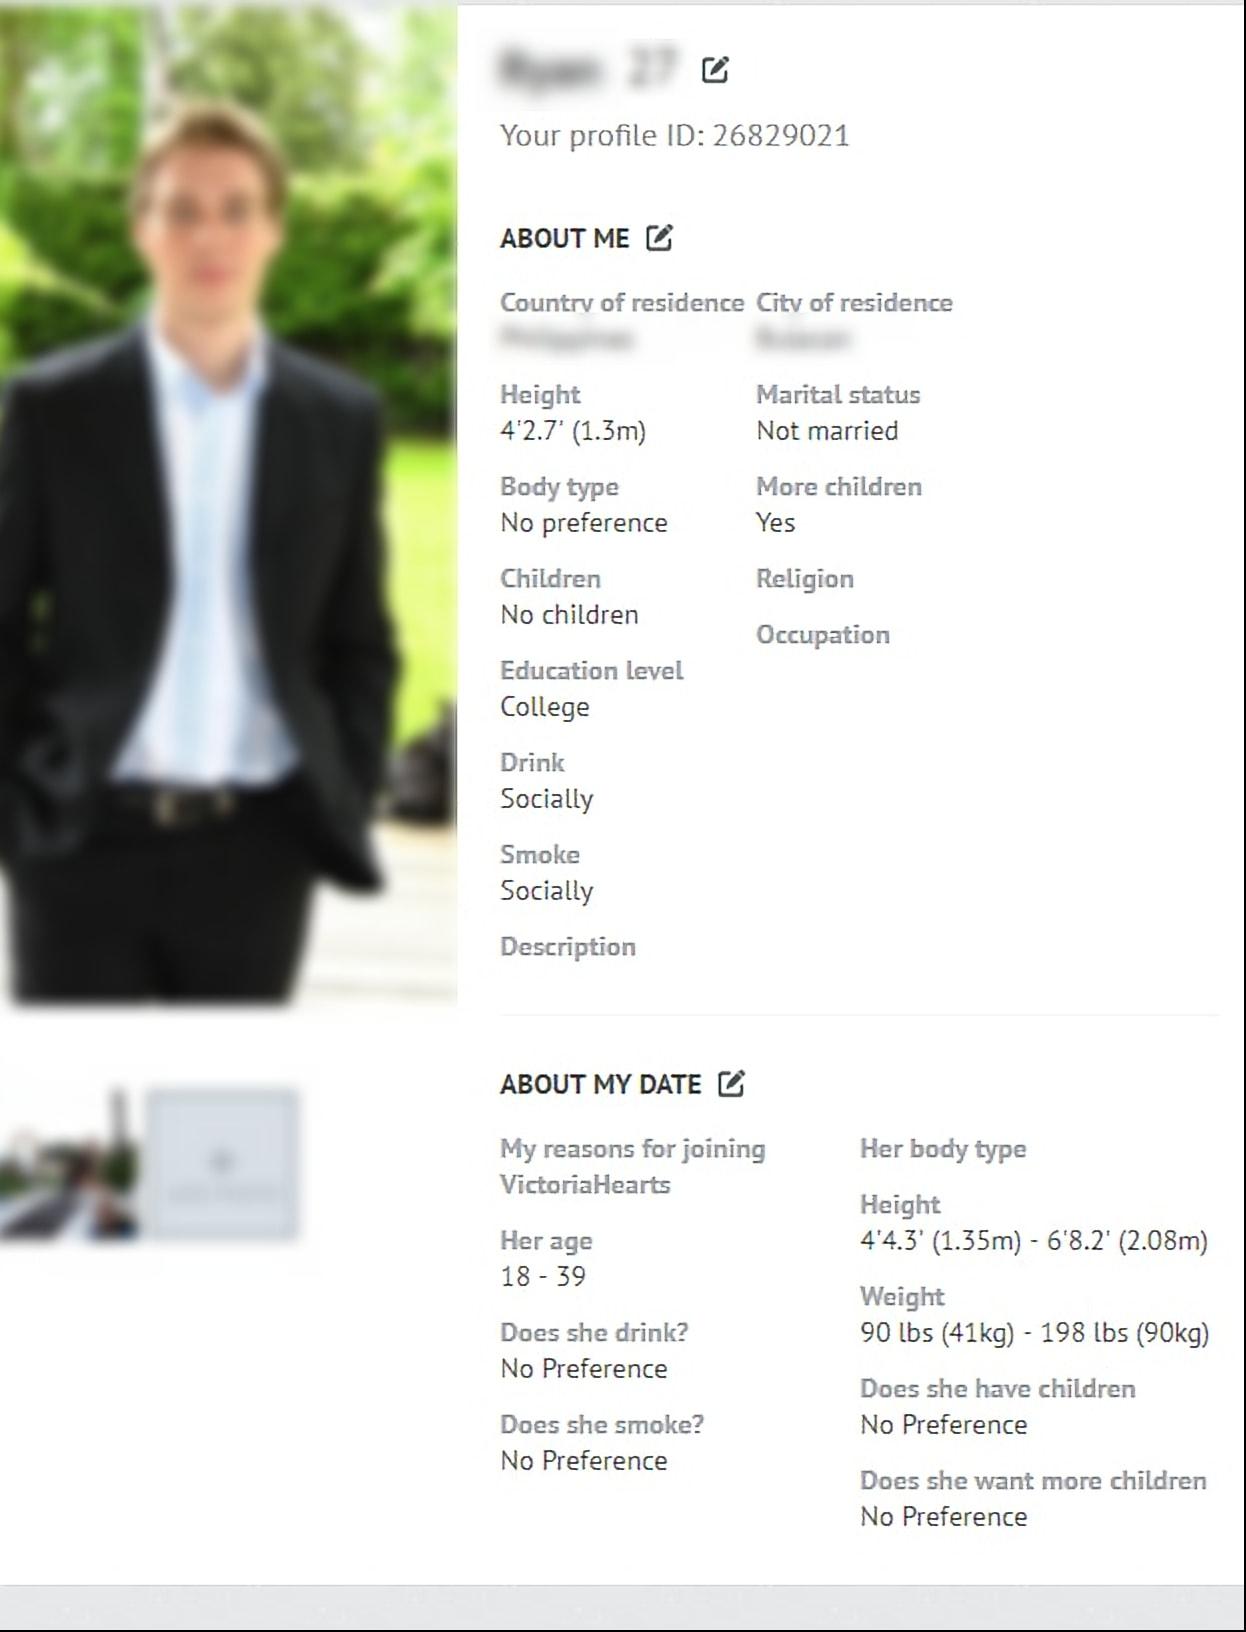 Victoria Hearts Profile